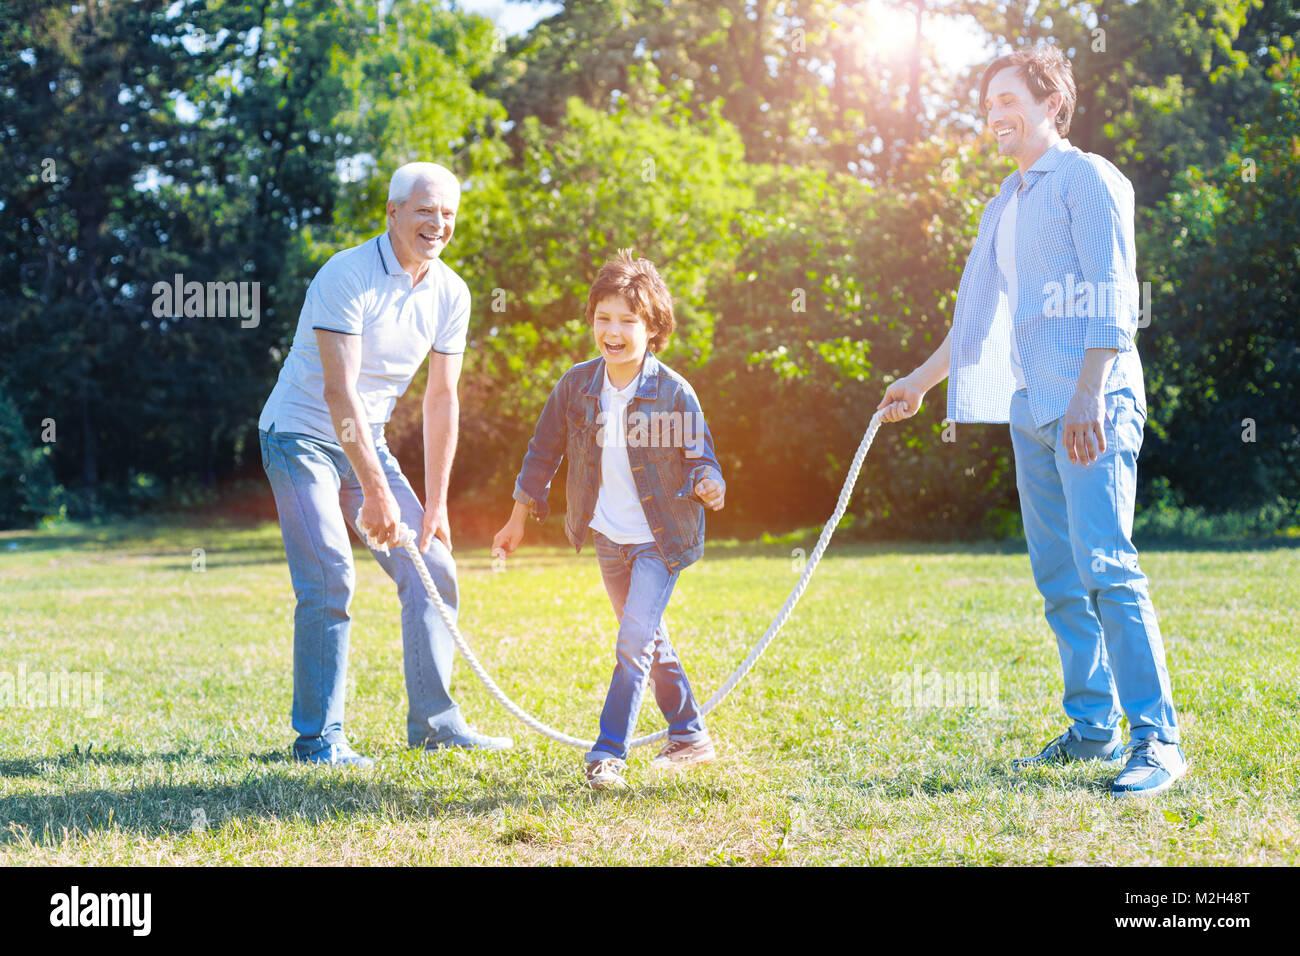 Radiant famiglia multigenerazionale divertendosi con saltare la corda Immagini Stock